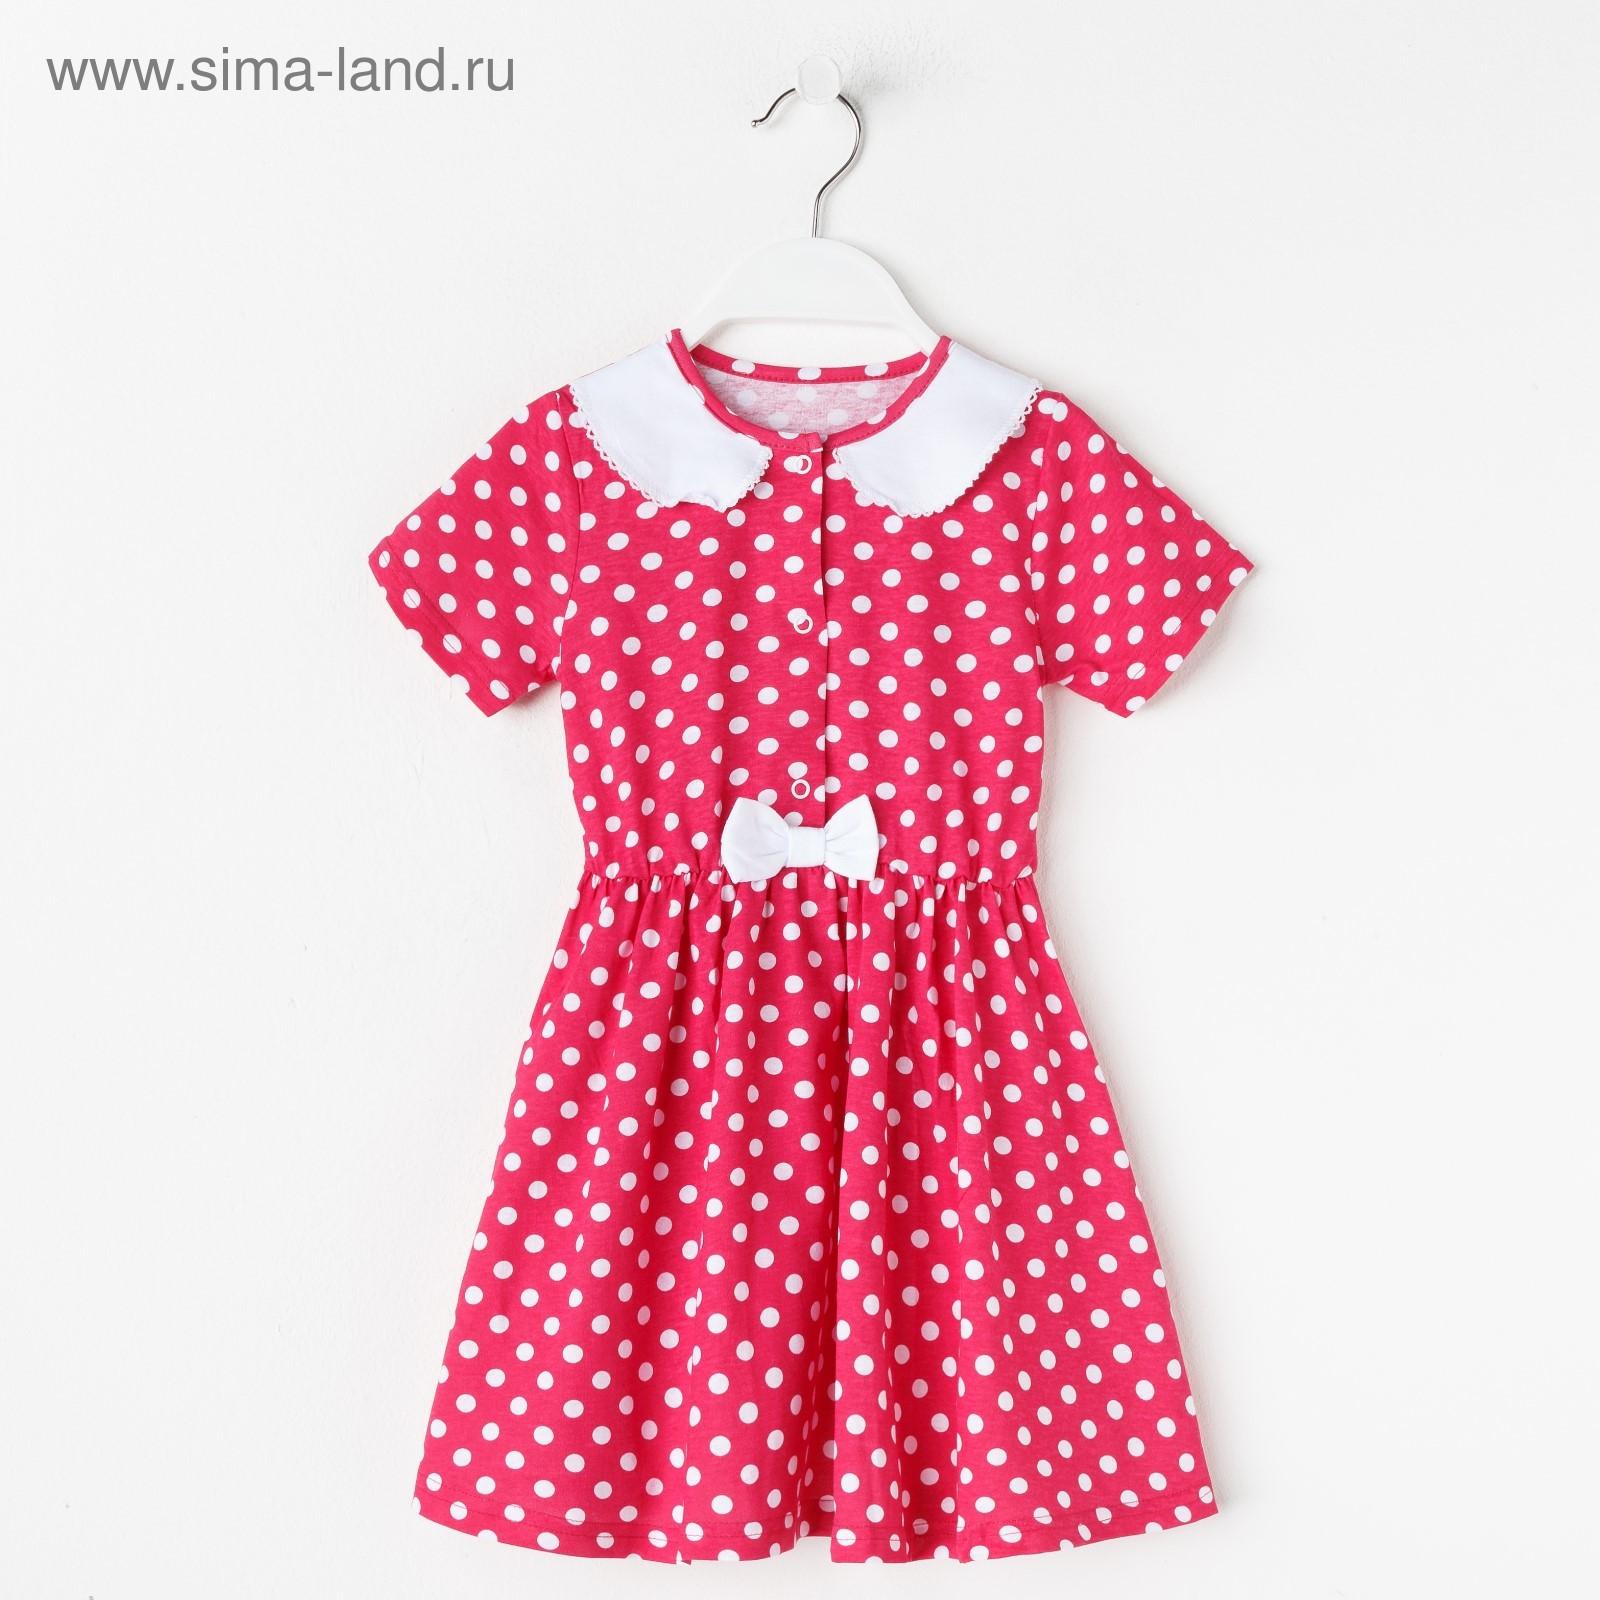 416303009841 Платье